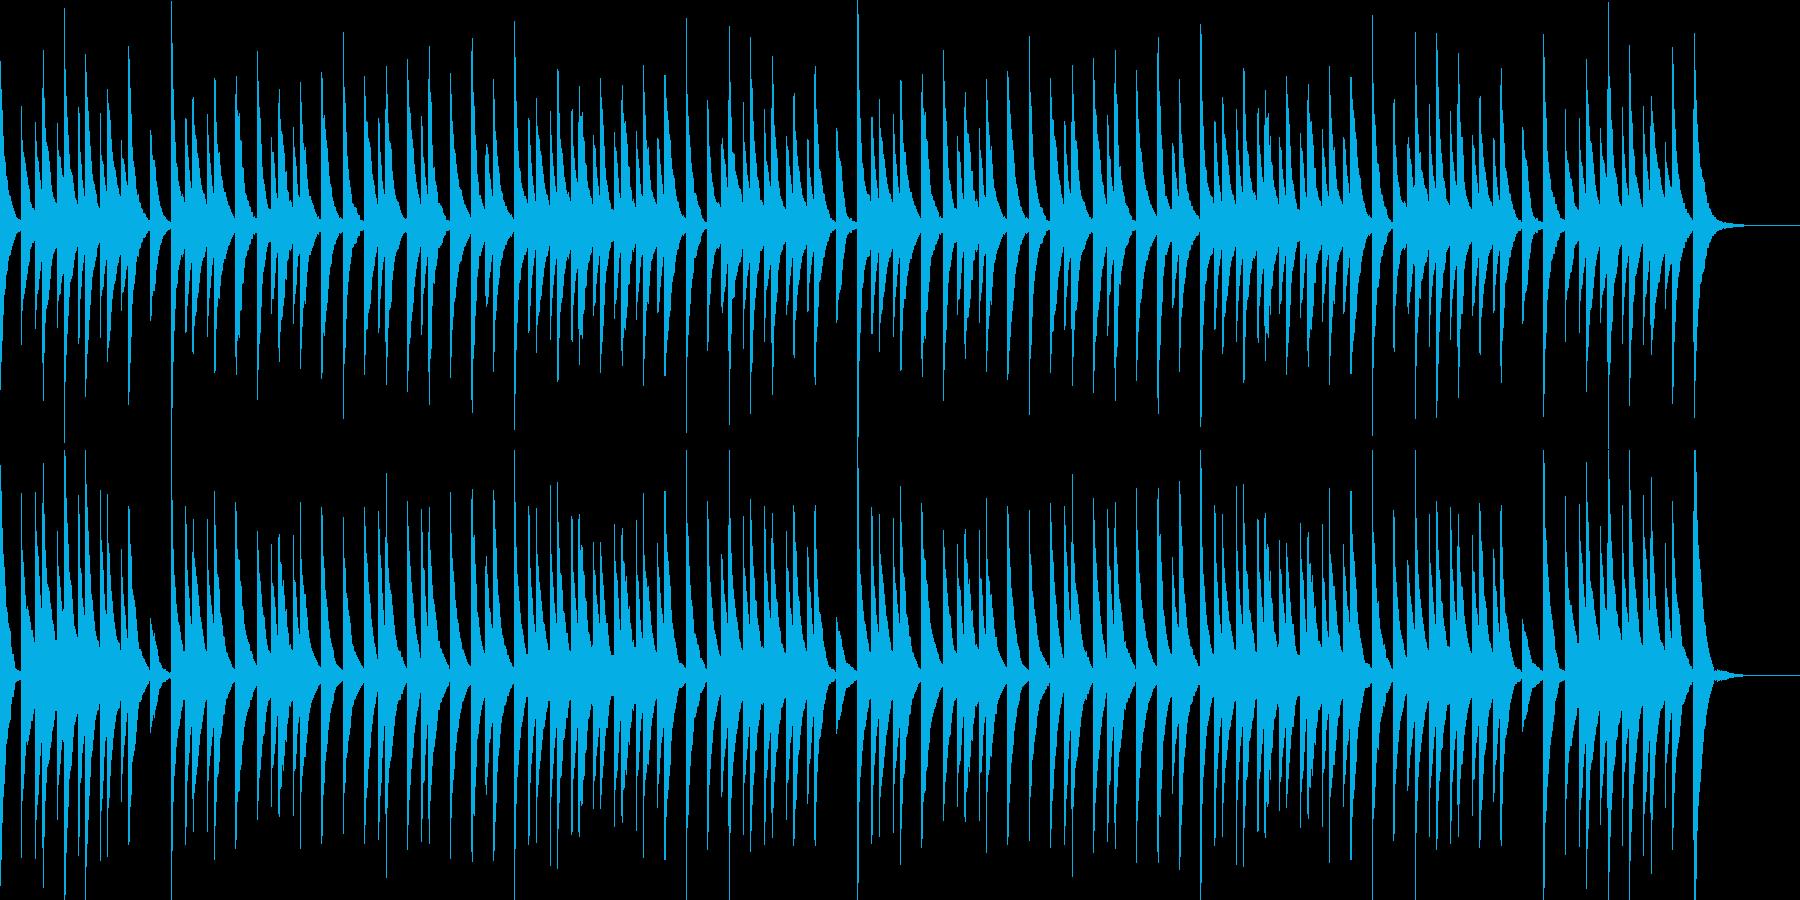 かわいいオルゴールサウンドの再生済みの波形